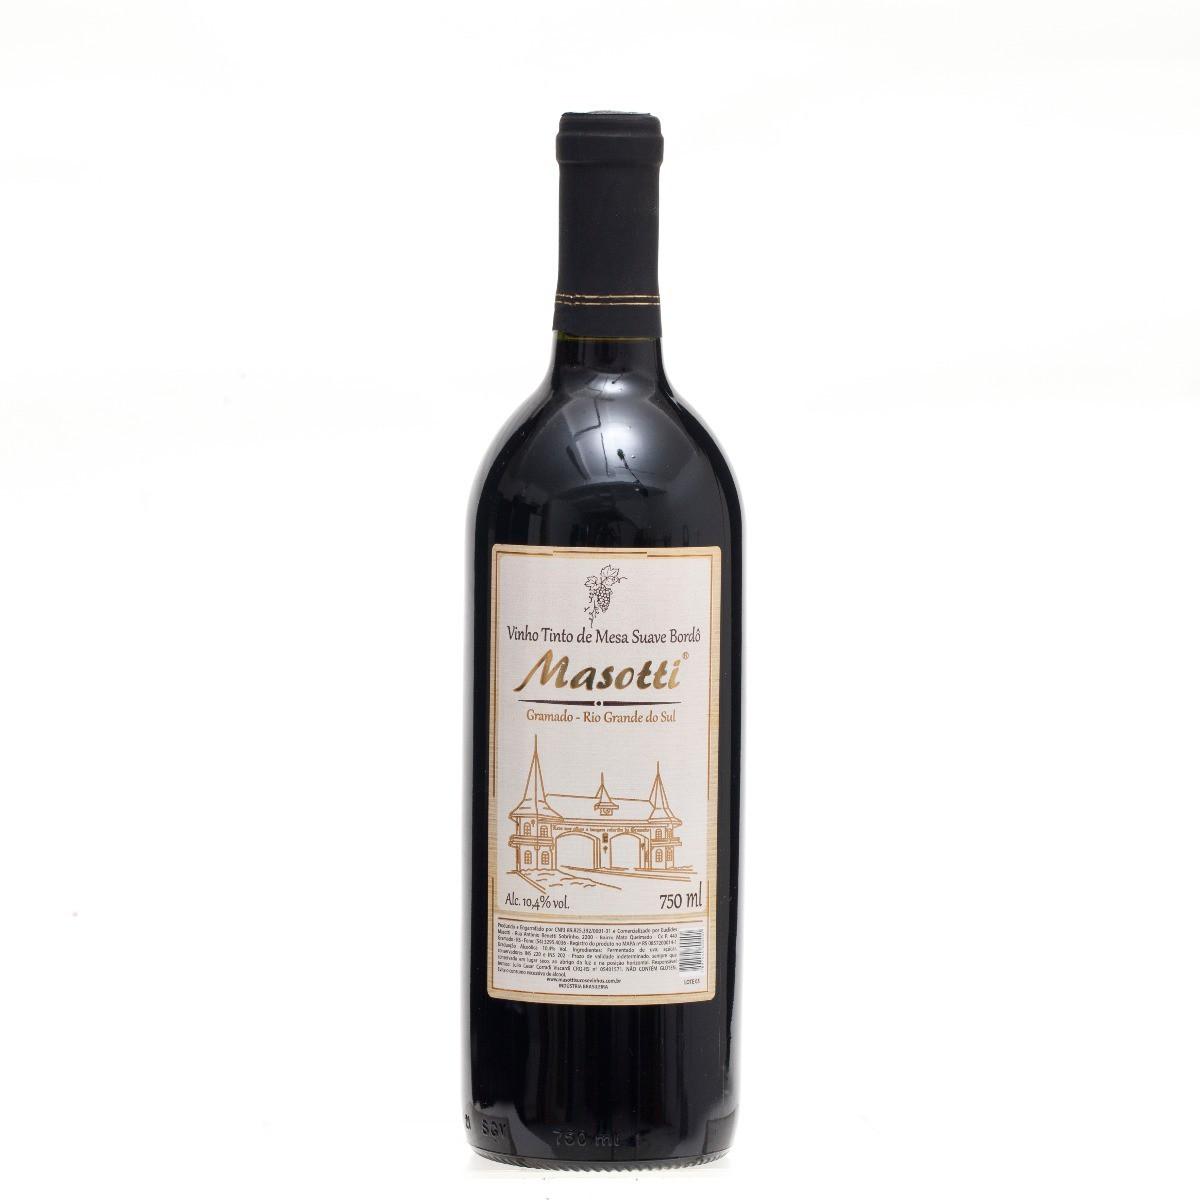 Vinho Tinto de Mesa Suave Bordô - Masotti 750 ML